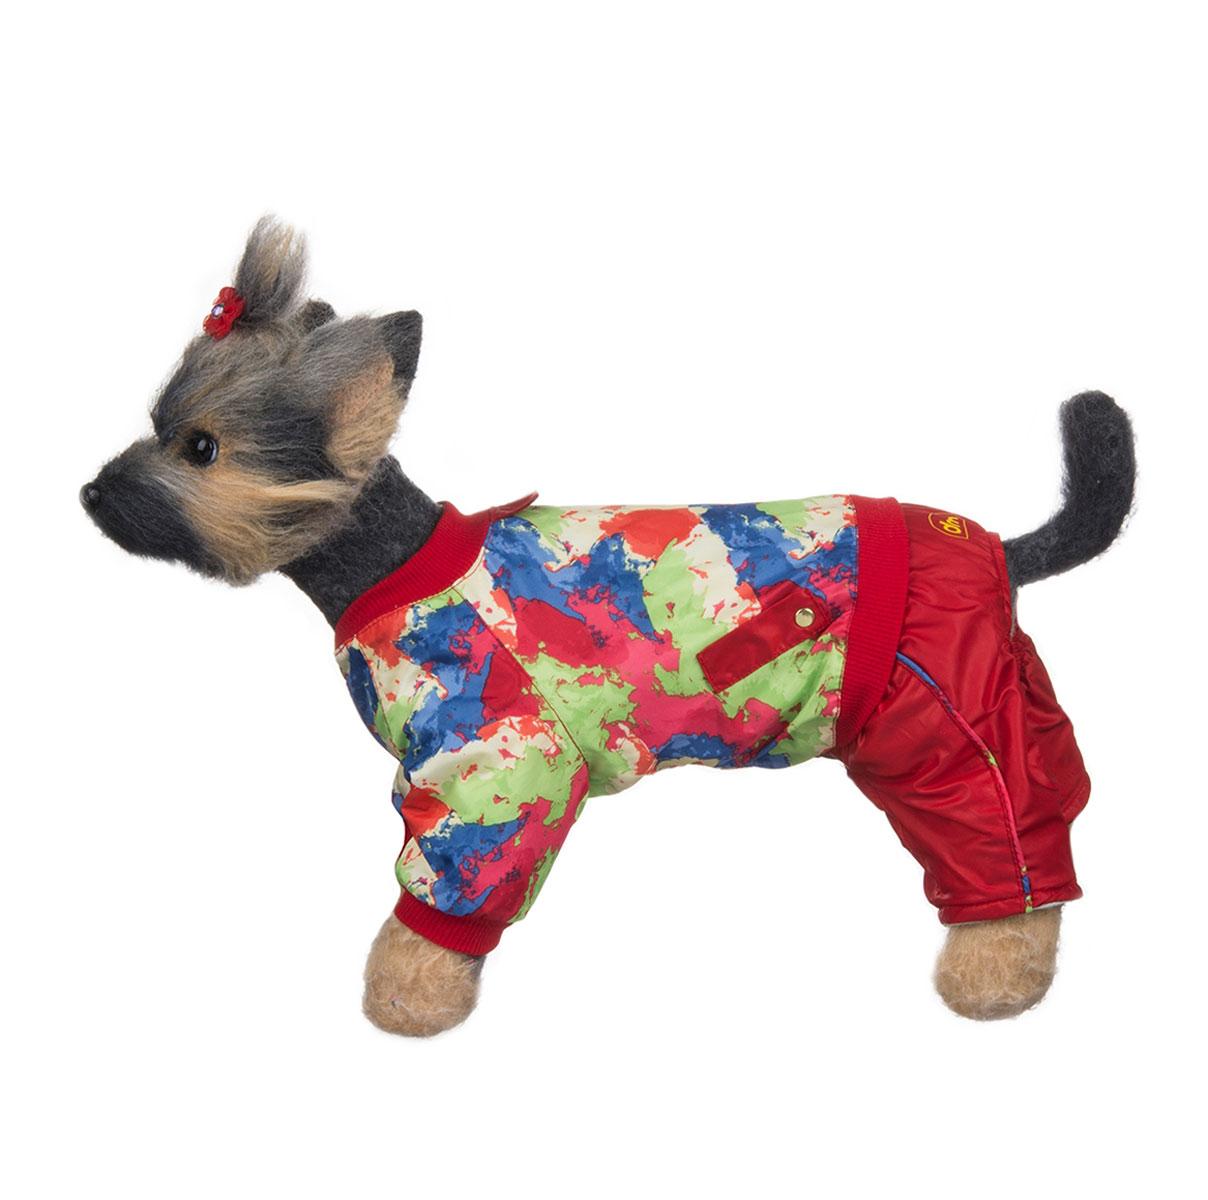 Комбинезон для собак Dogmoda Акварель, для девочки, цвет: красный, синий, зеленый. Размер 4 (XL) комбинезоны для животных dogmoda комбинезон doggs active 70 сука